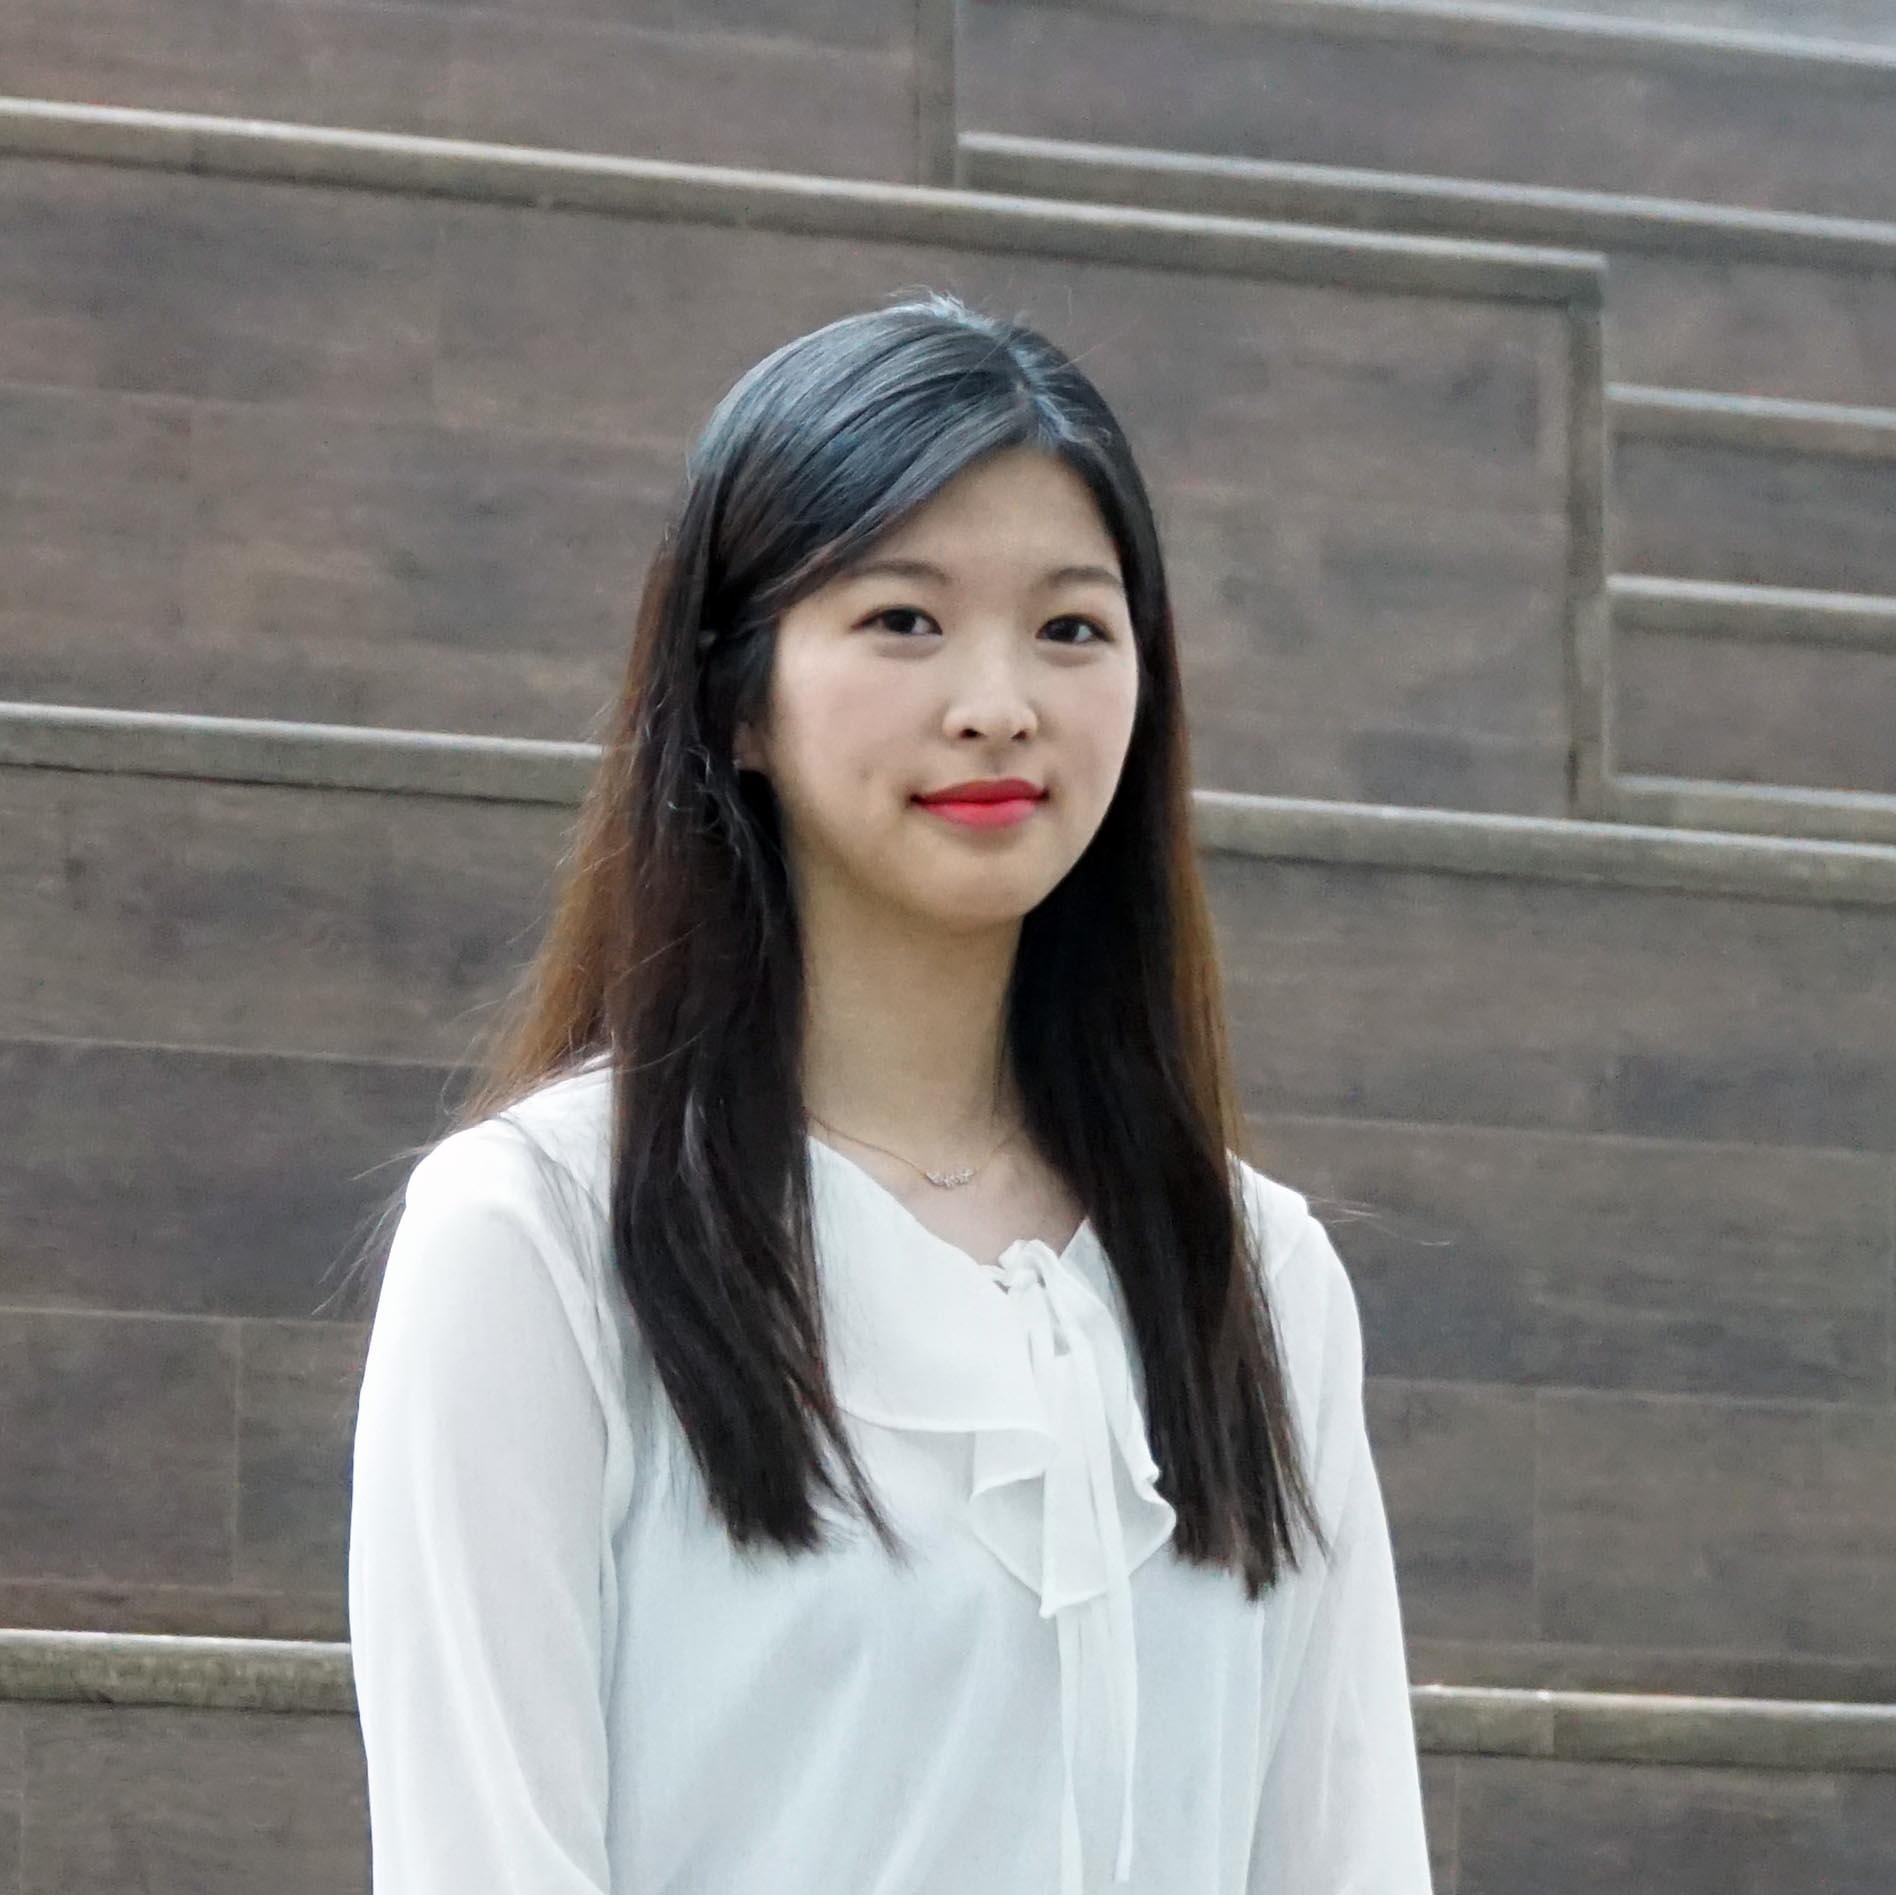 Jeewon Kim